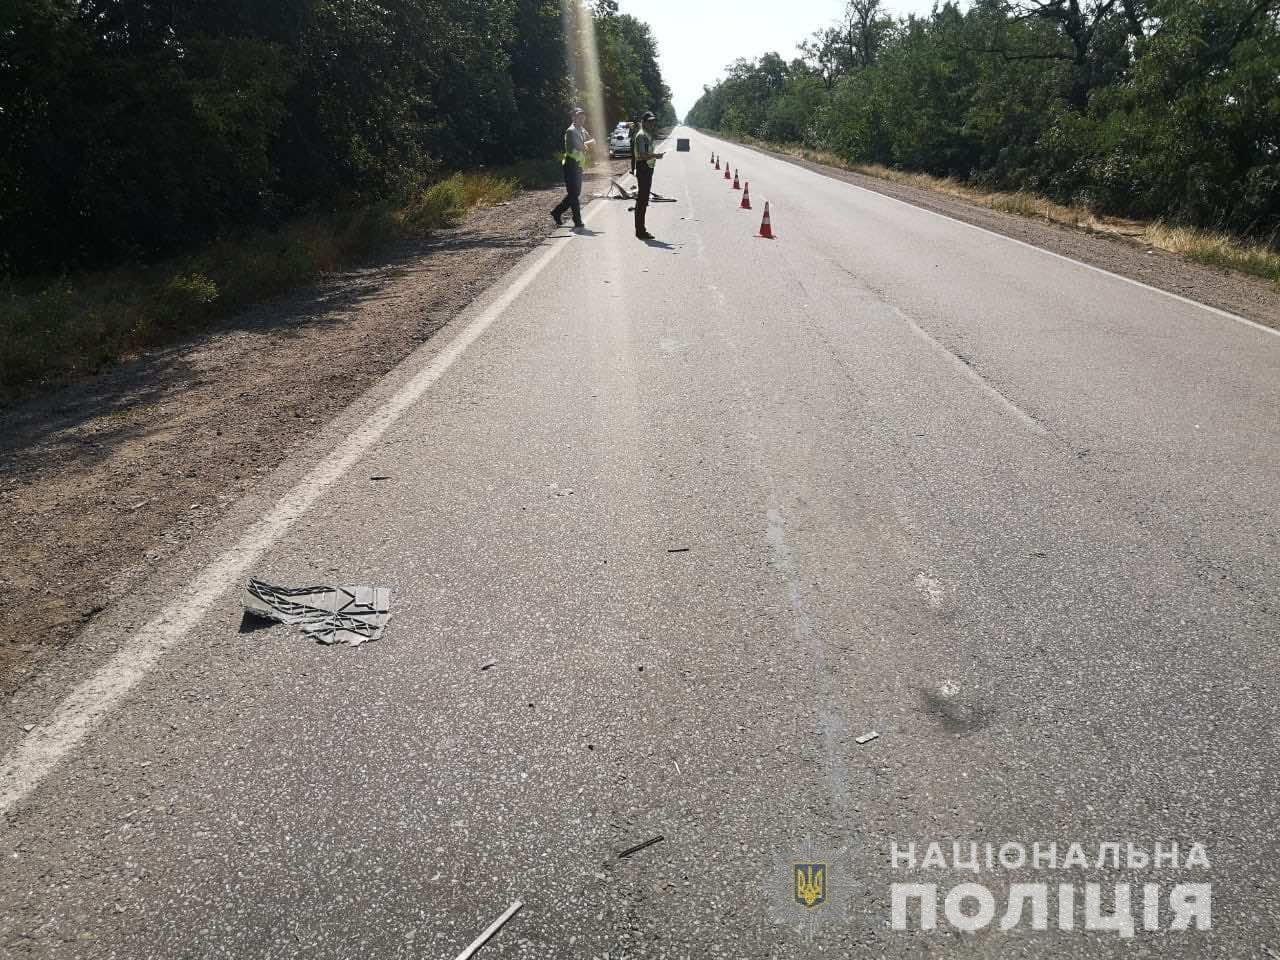 В ДТП под Николаевом столкнулись микроавтобус и грузовик: есть пострадавшие, - ФОТО, фото-2